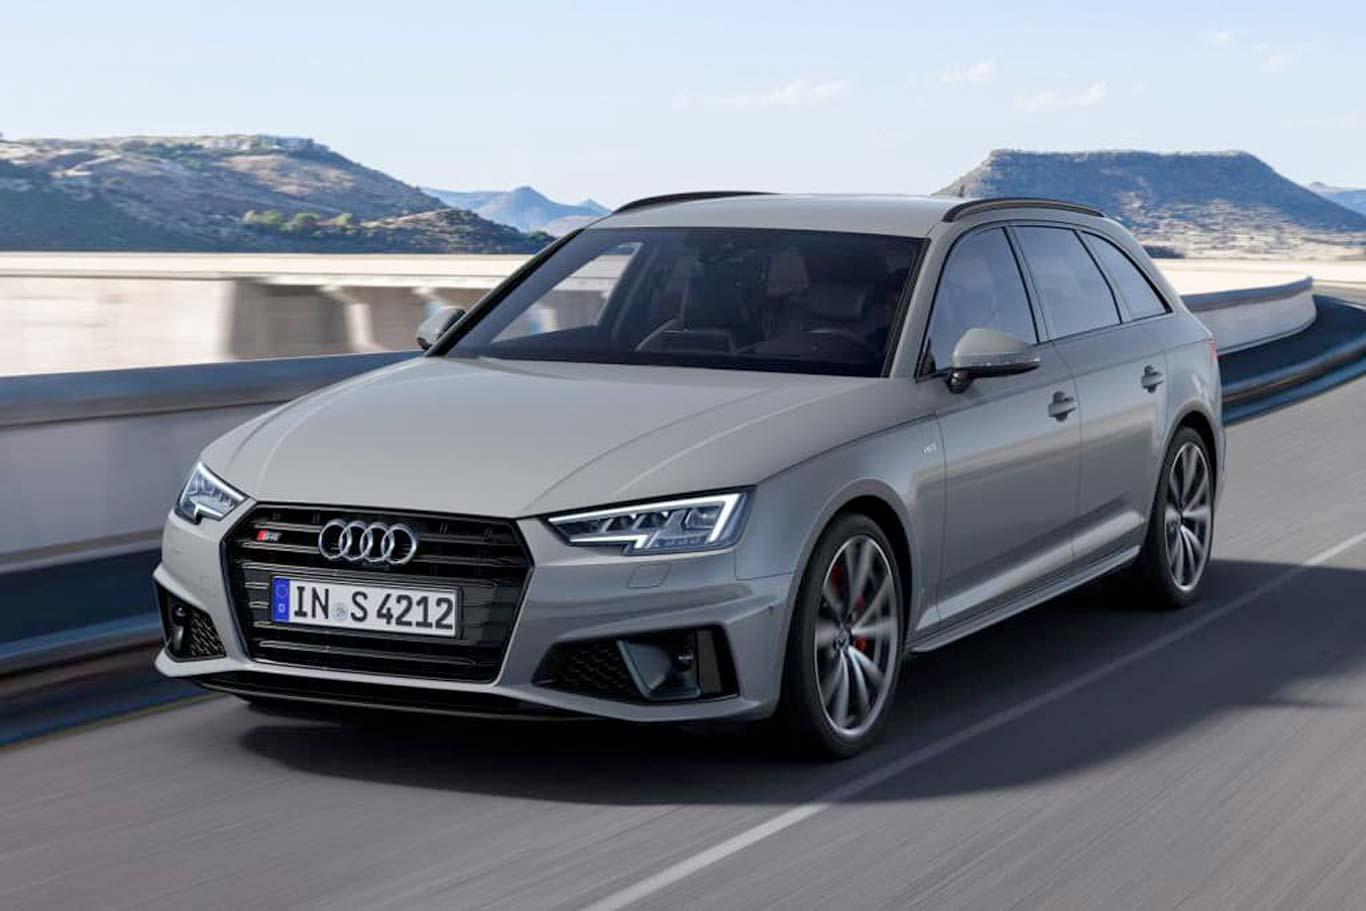 Audi S4 S6 Diesel